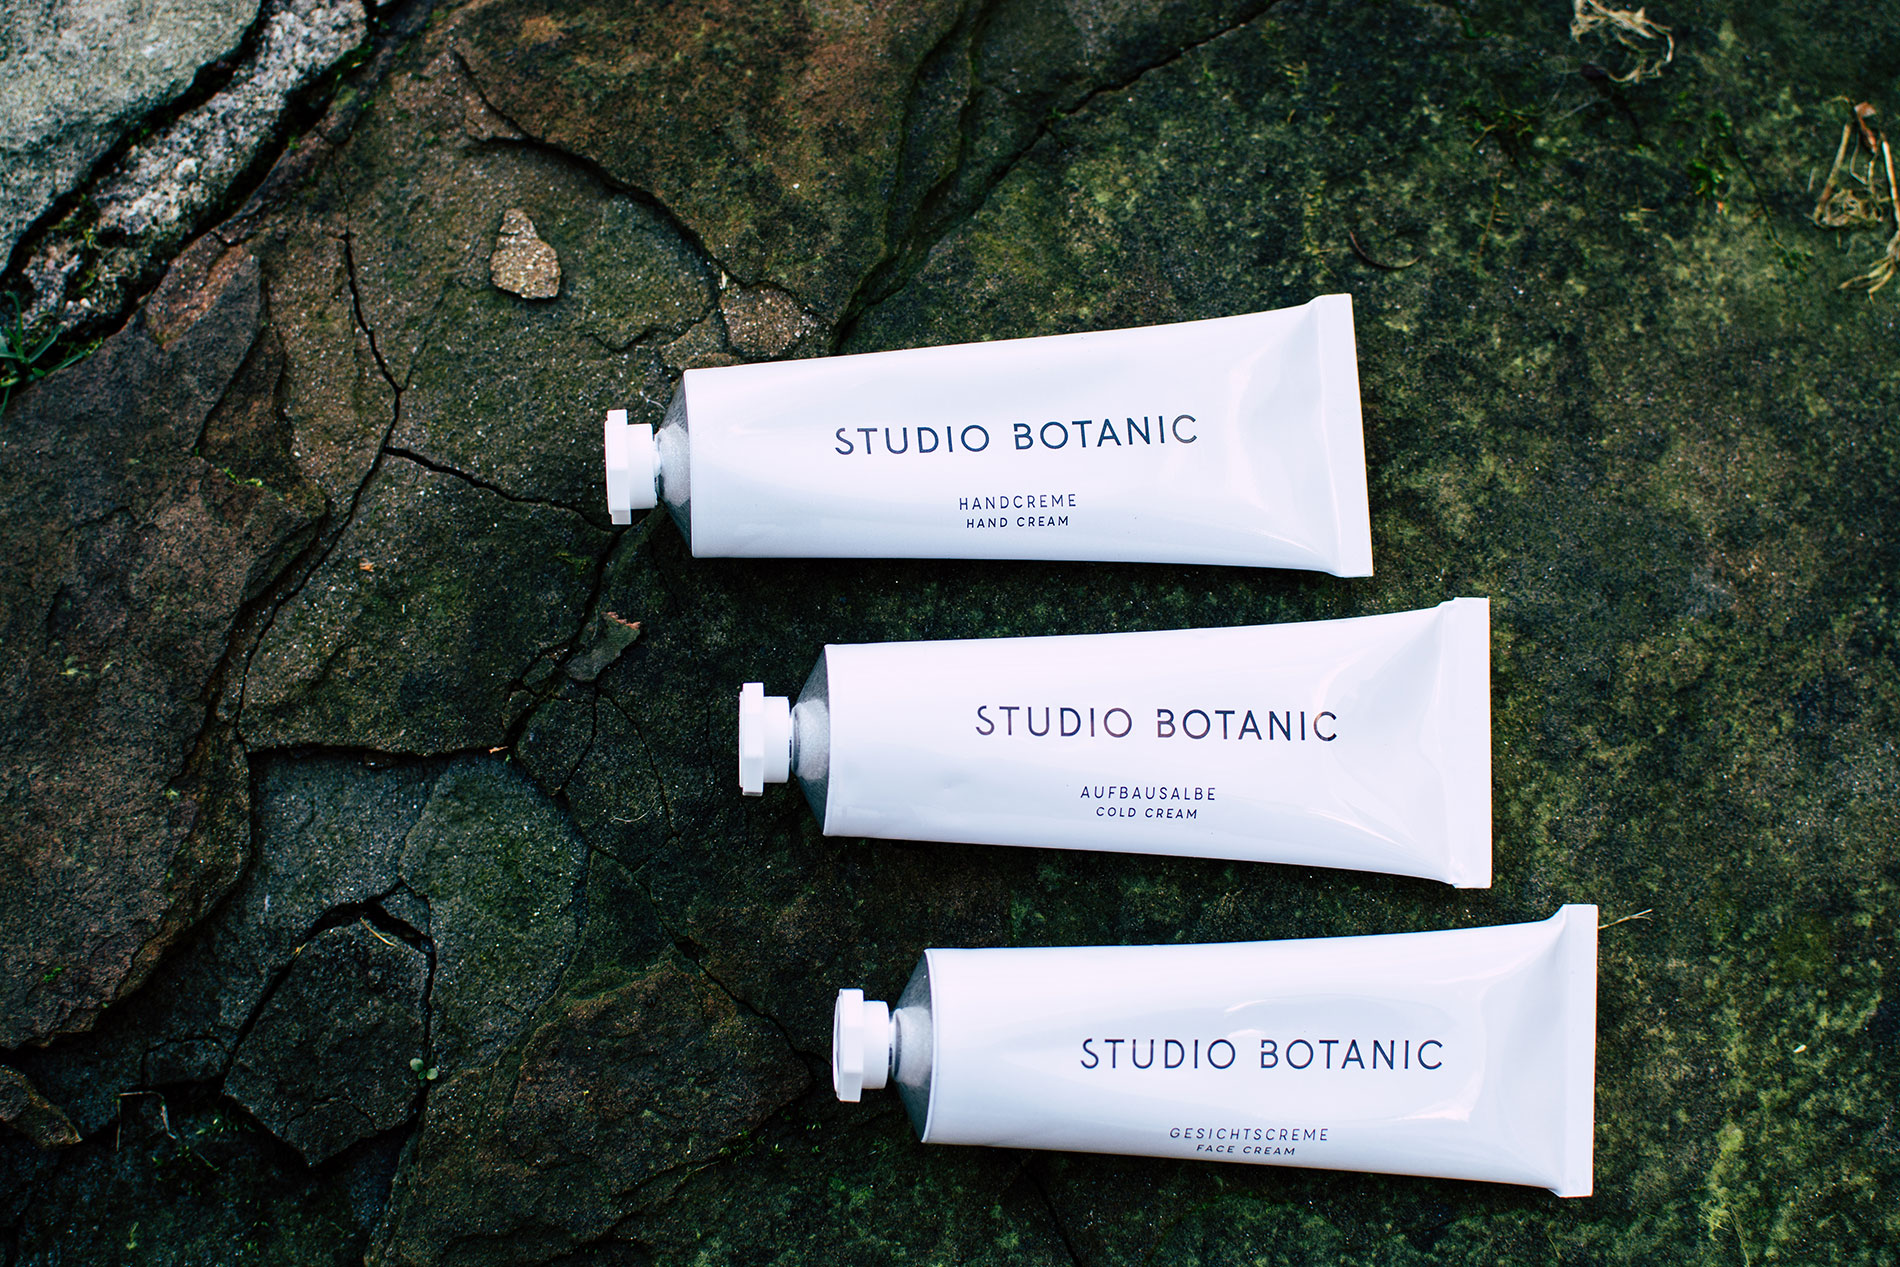 Studio-Botanic-Coldcream-Handcreme-Gesichtscreme-Vegane-Naturkosmetik